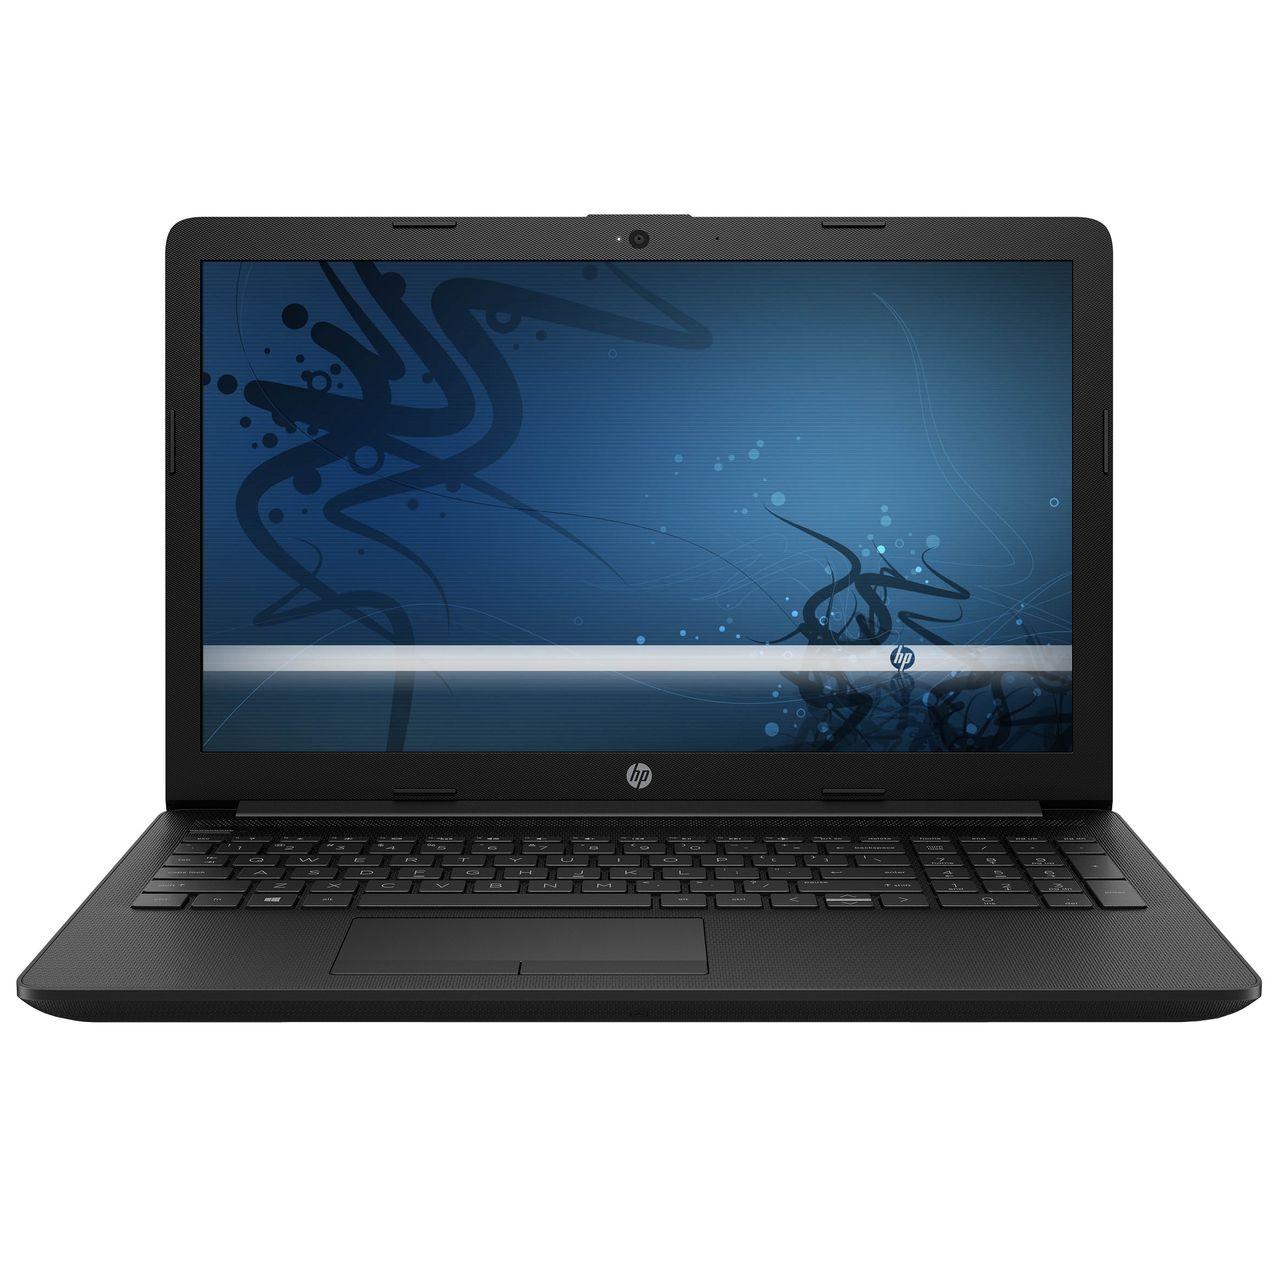 لپ تاپ ۱۵ اینچی اچ پی مدل DA2183-C